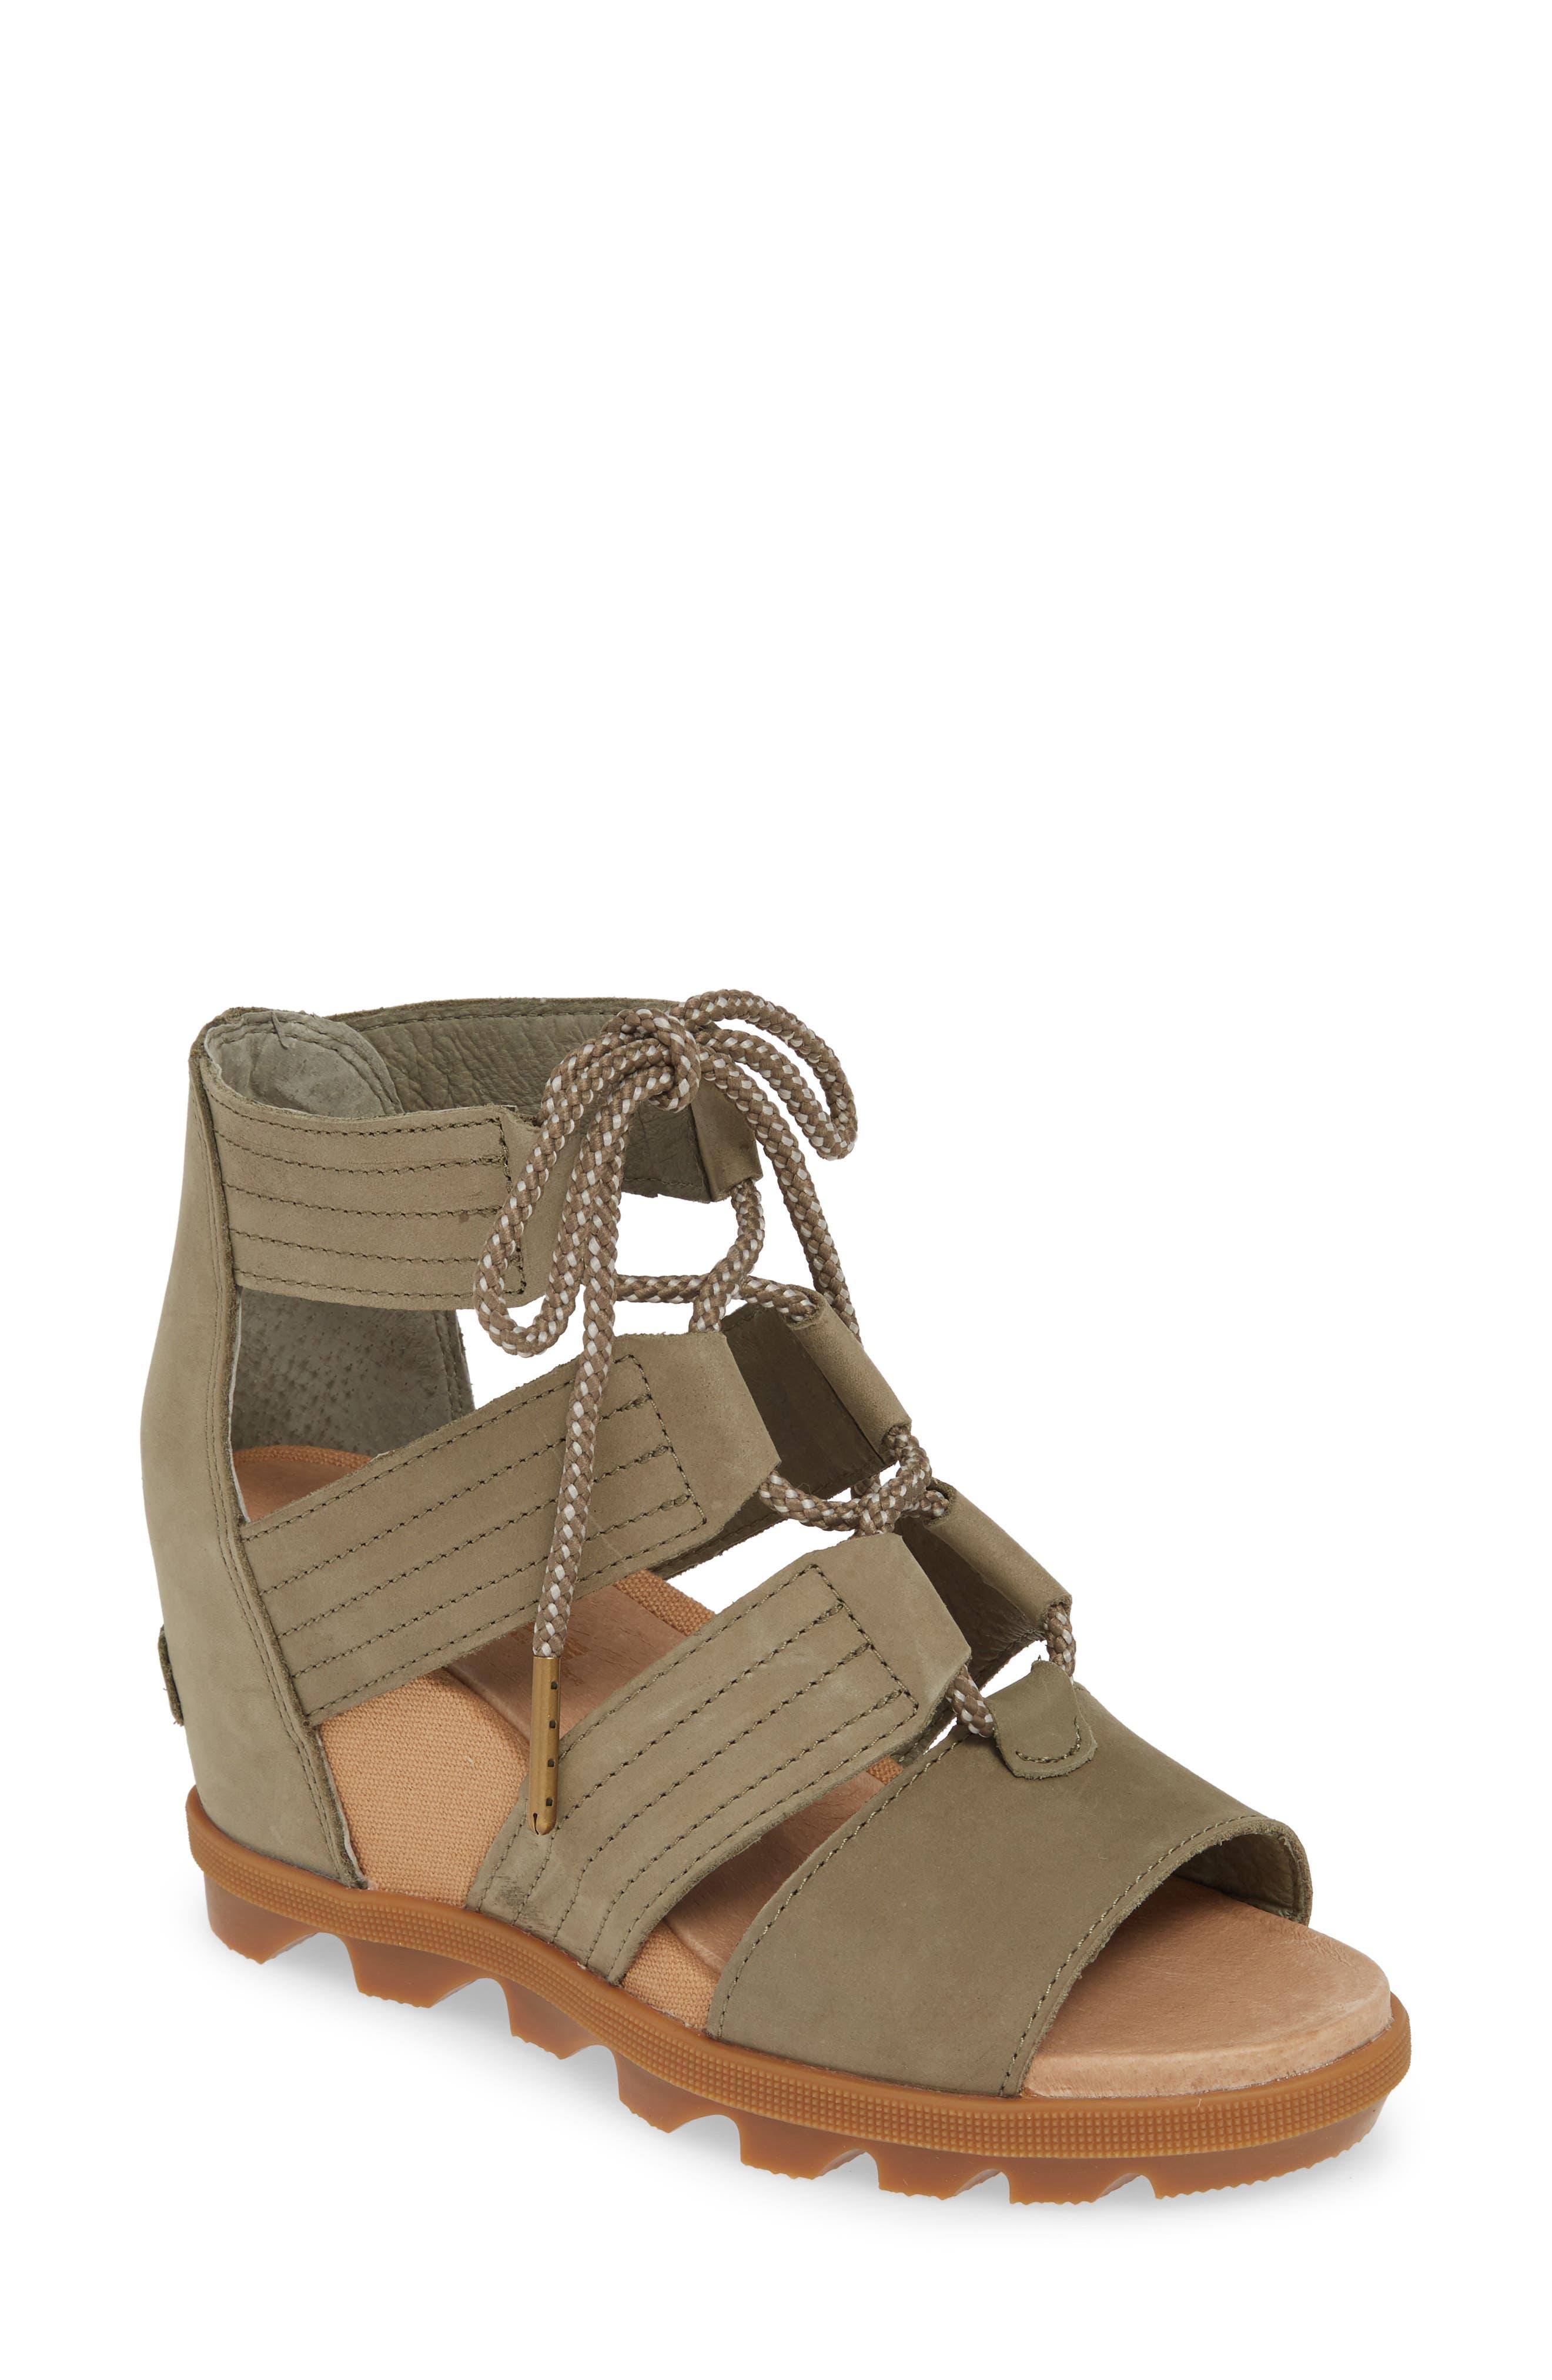 3e6a9857fe796d Women s SOREL Sandals